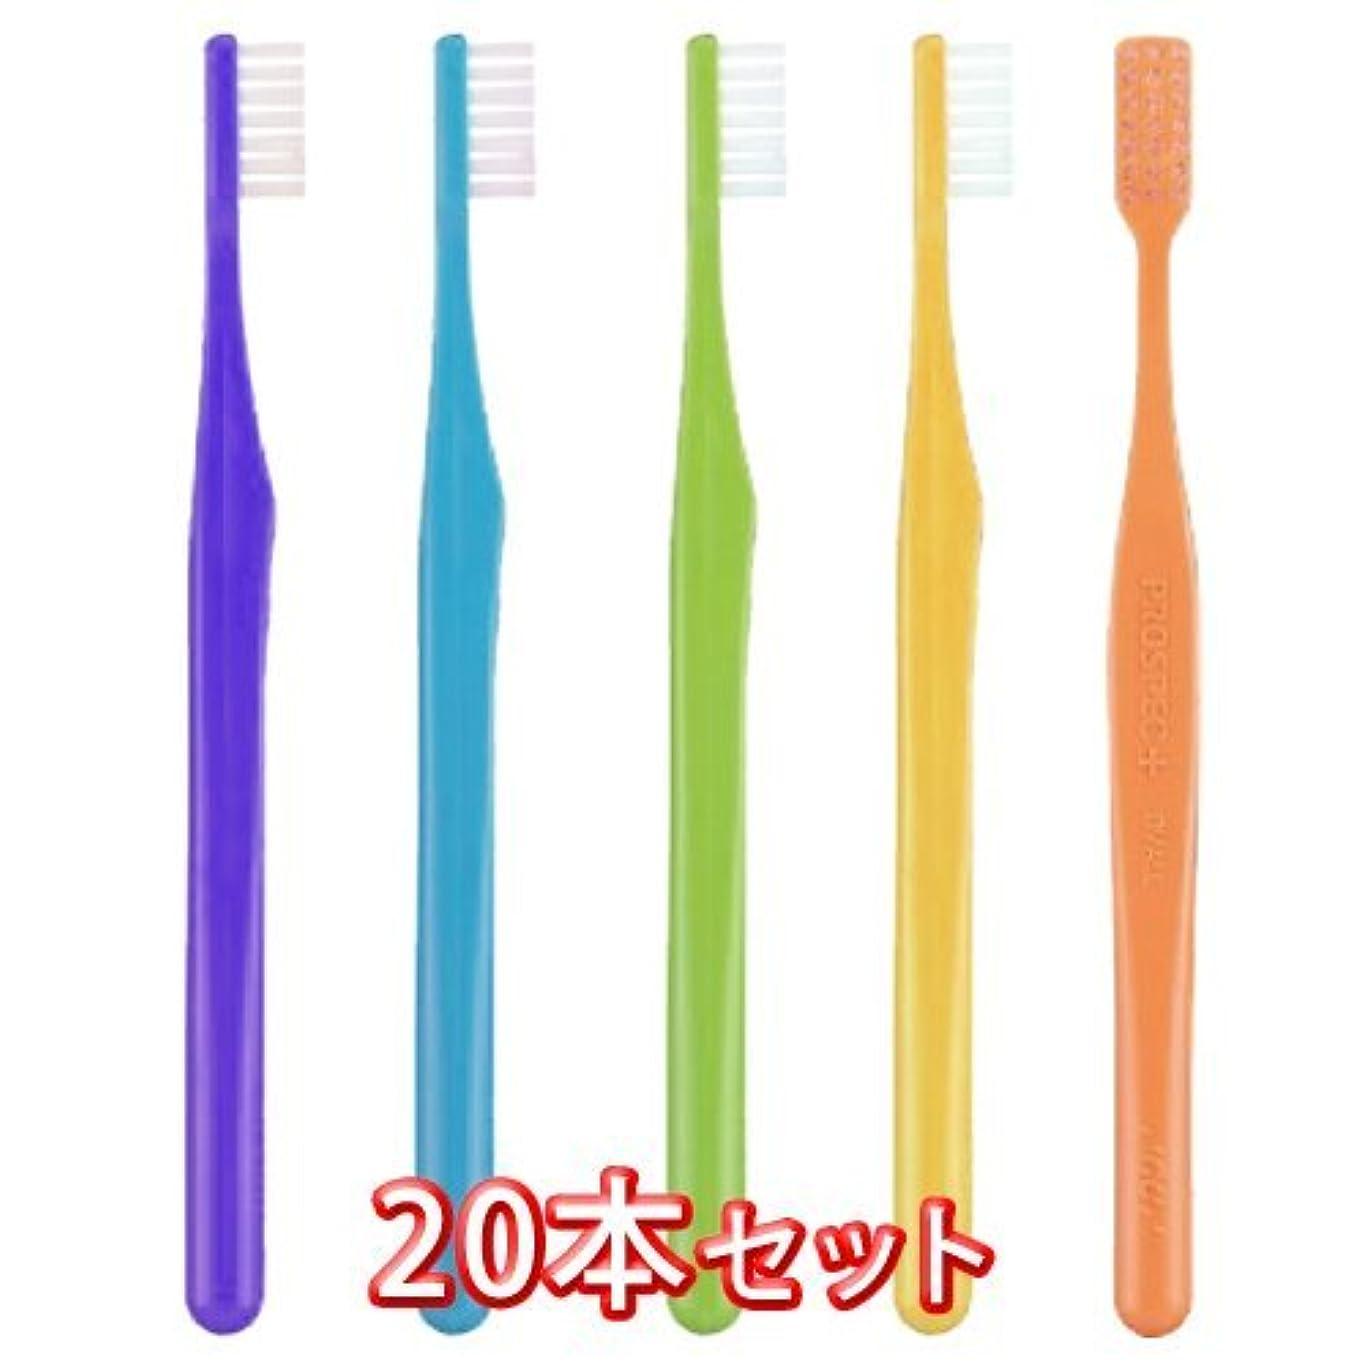 害虫分子想像力豊かなプロスペック プラス 歯ブラシ 20本入 スモール